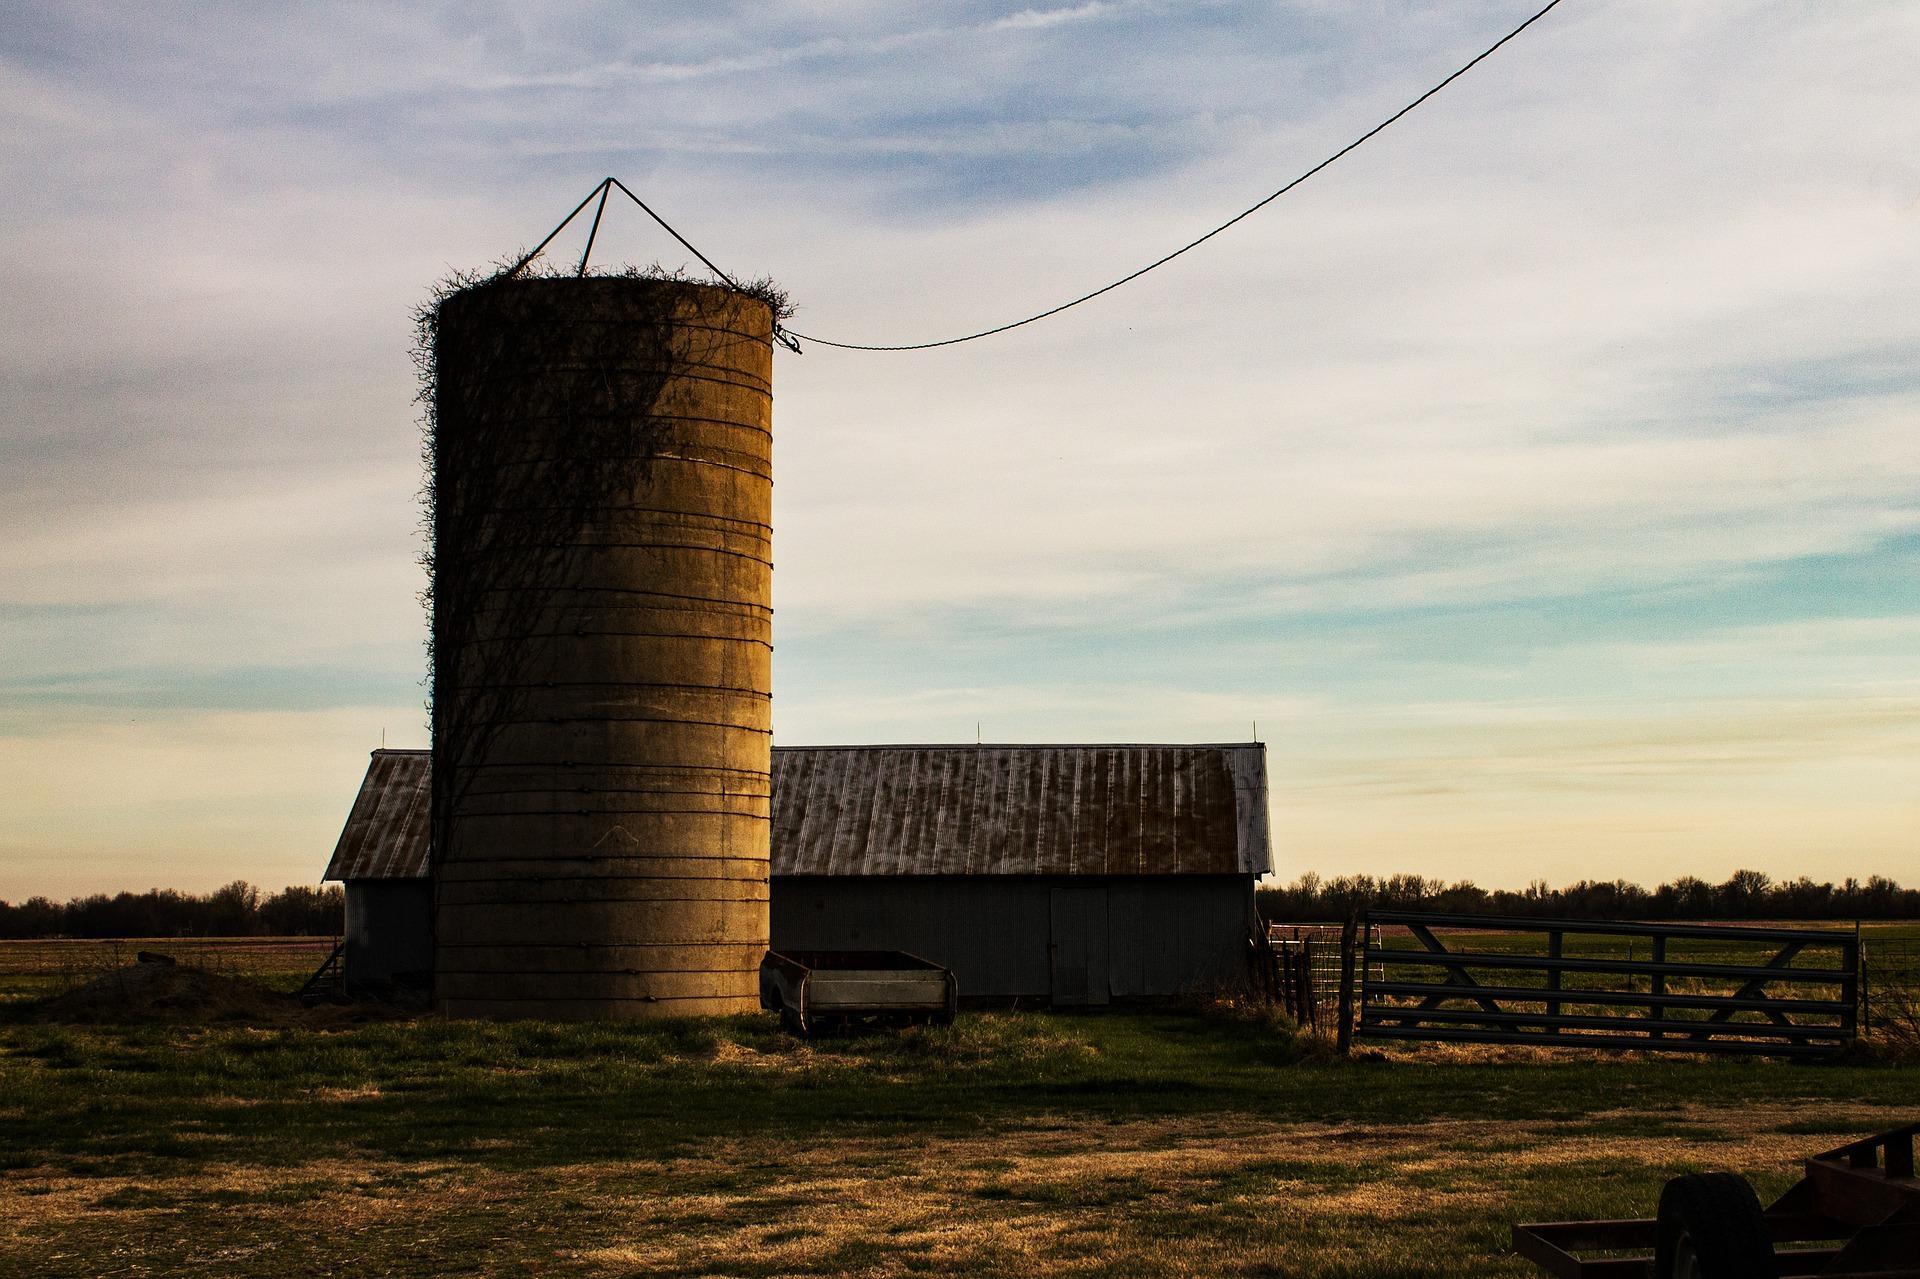 mezőgazdaság, tároló, újítás, bővítés